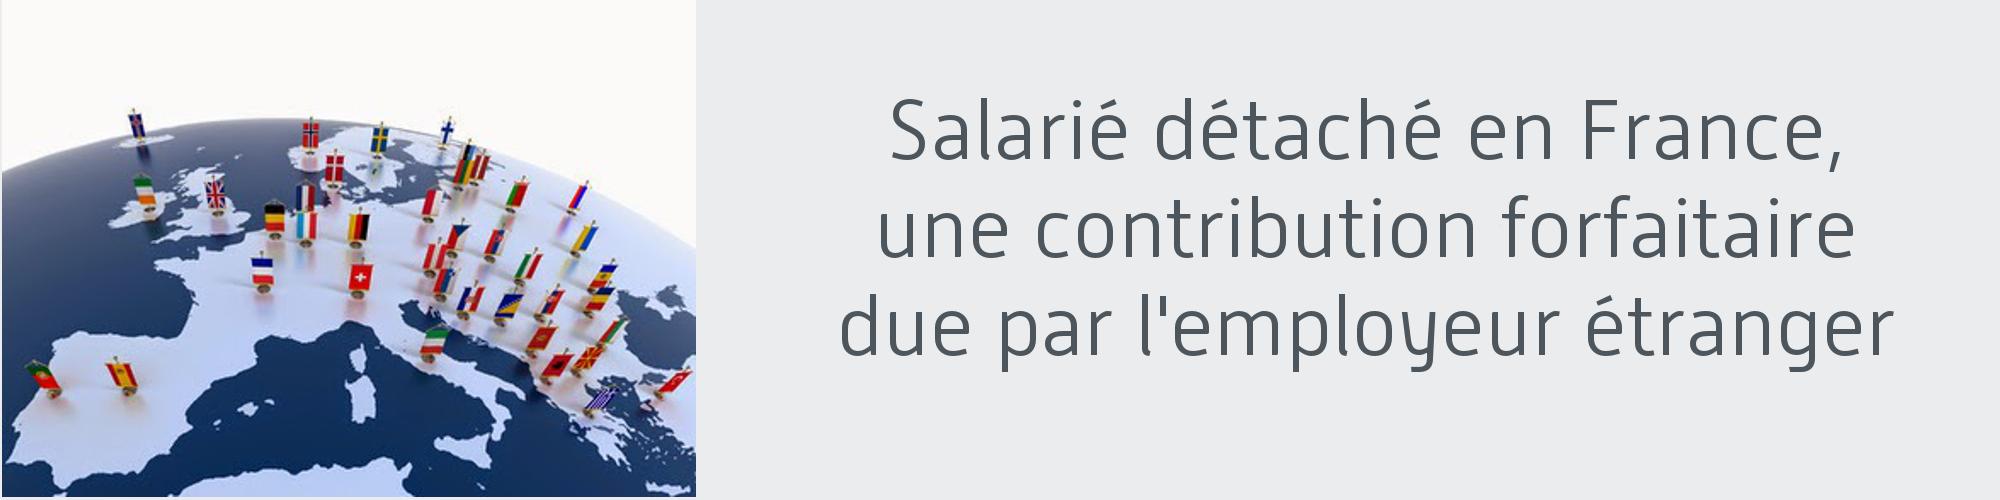 Salarié détaché en France par employeur etranger